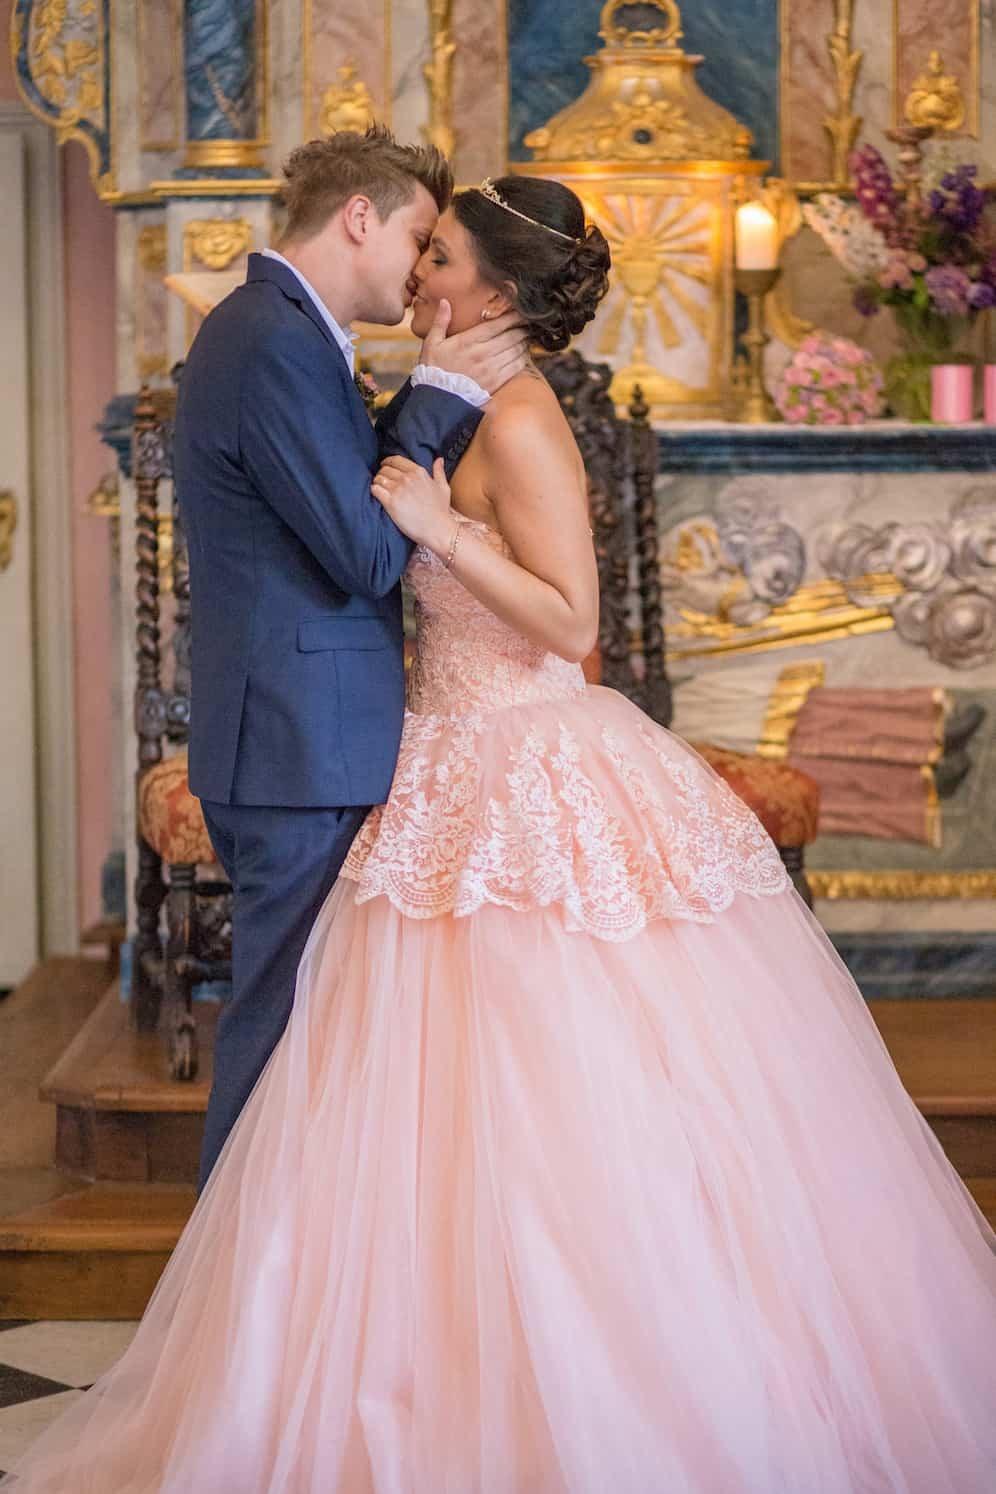 Hochzeit von Tine und Phillip in Münster: Bräutigam küsst die Braut